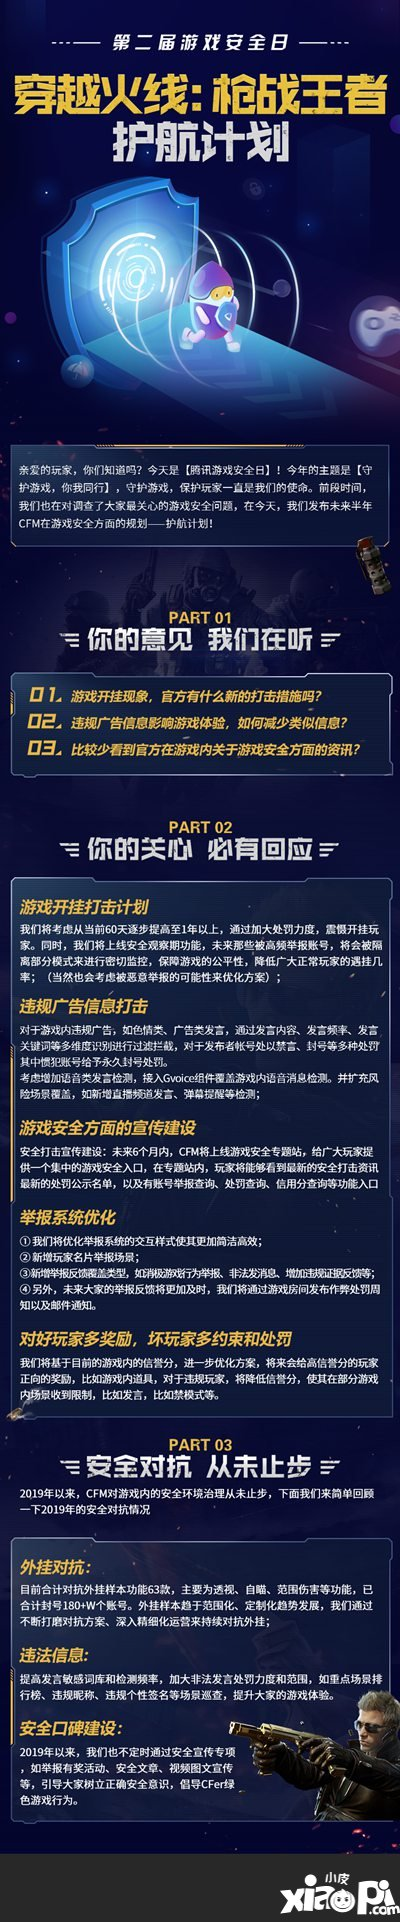 第二届游戏安全来啦 CF手游护航计划发布